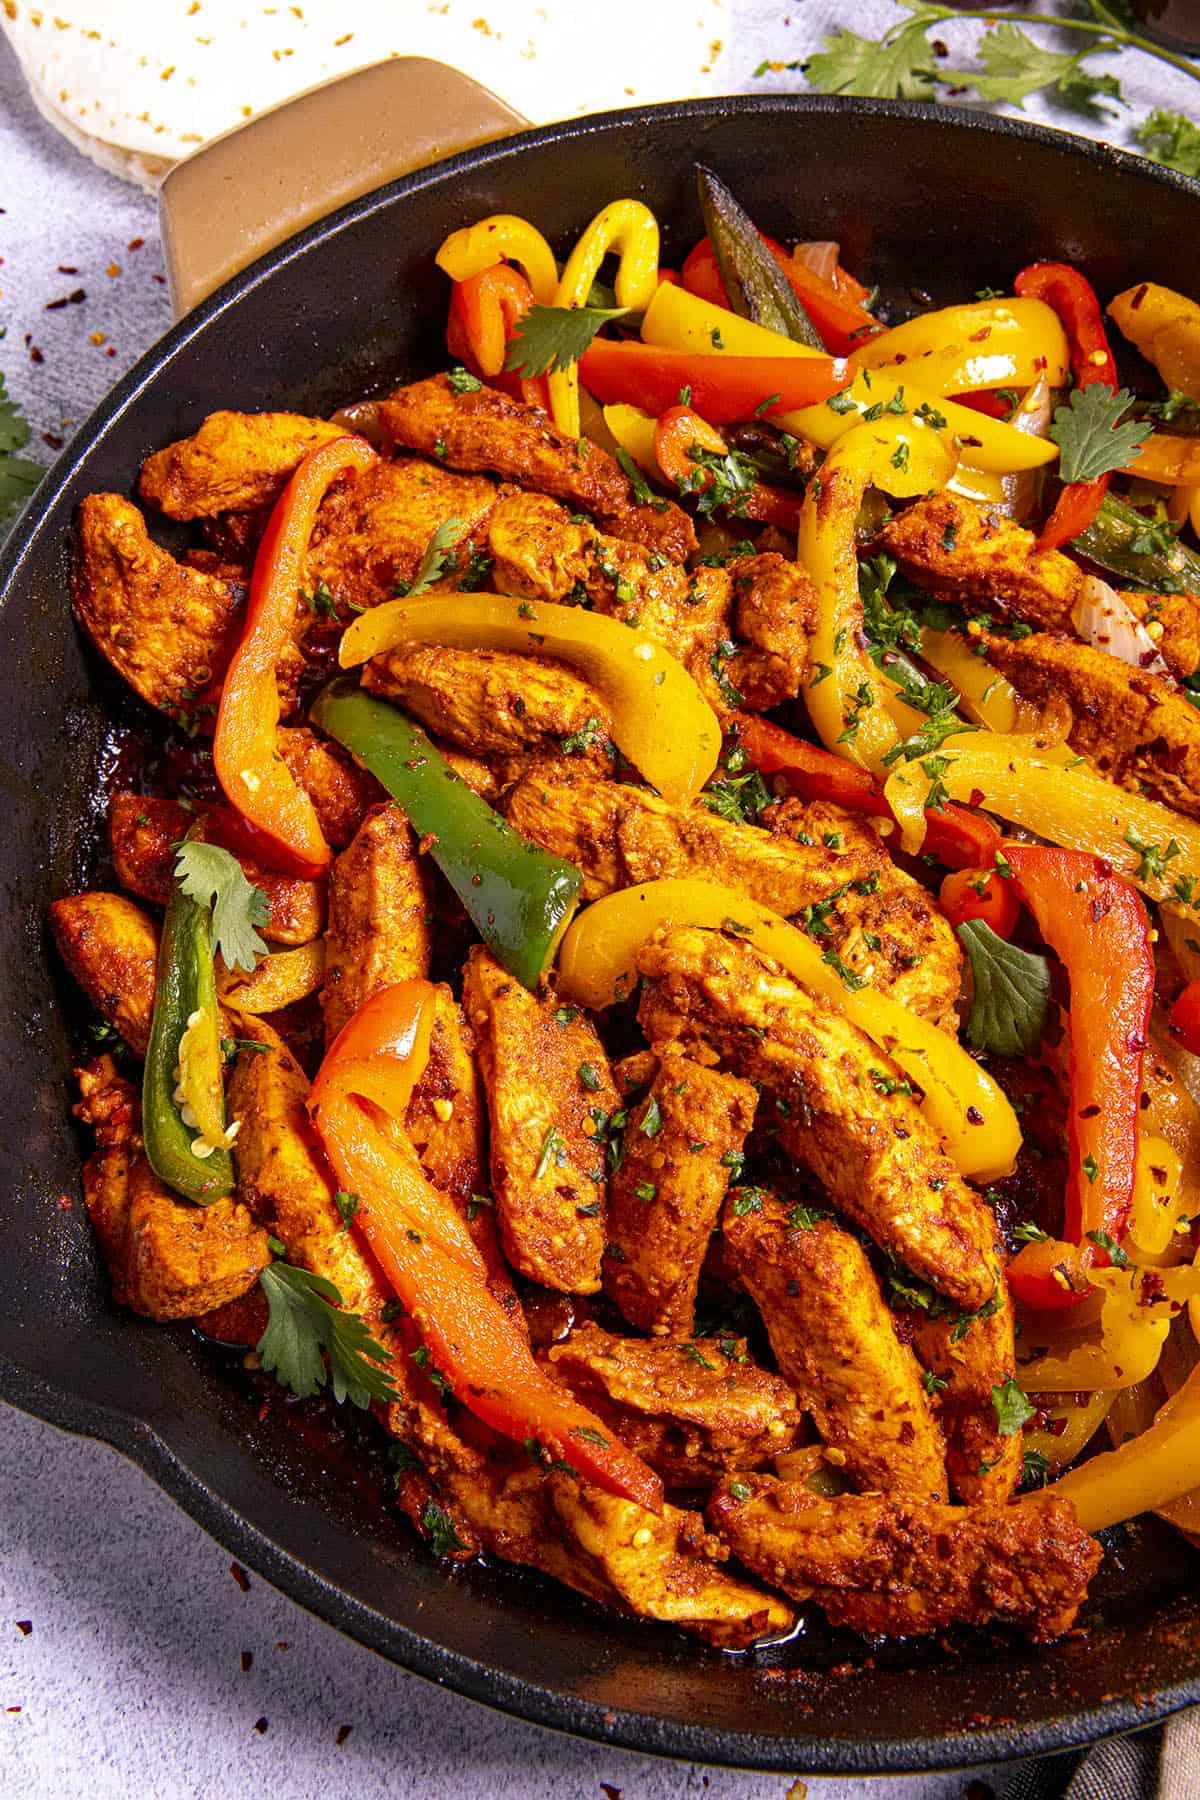 Chicken Fajitas in a pan